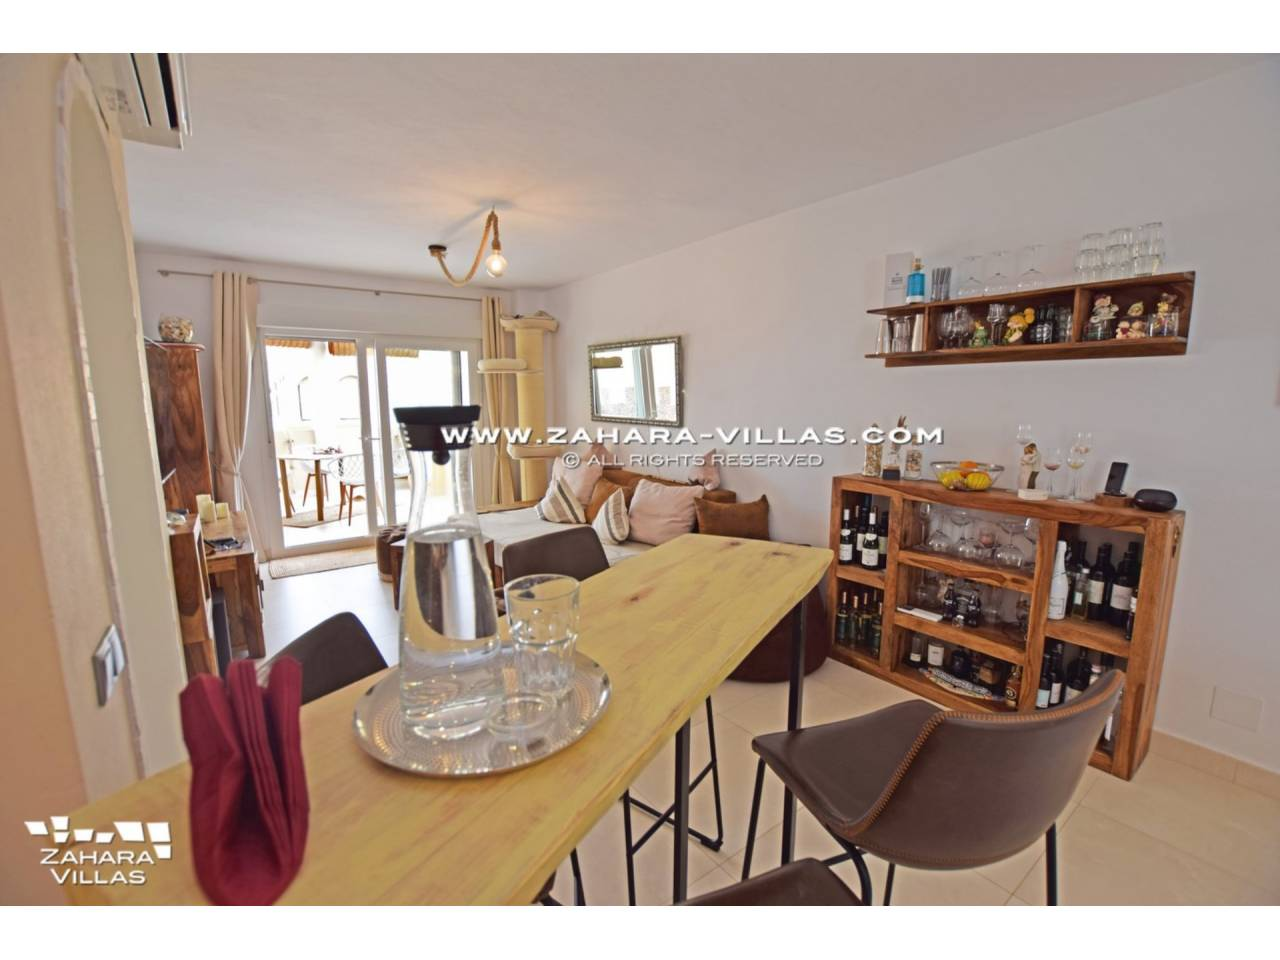 Imagen 6 de Penthouse appartment reformed for sale in Costa de la Luz